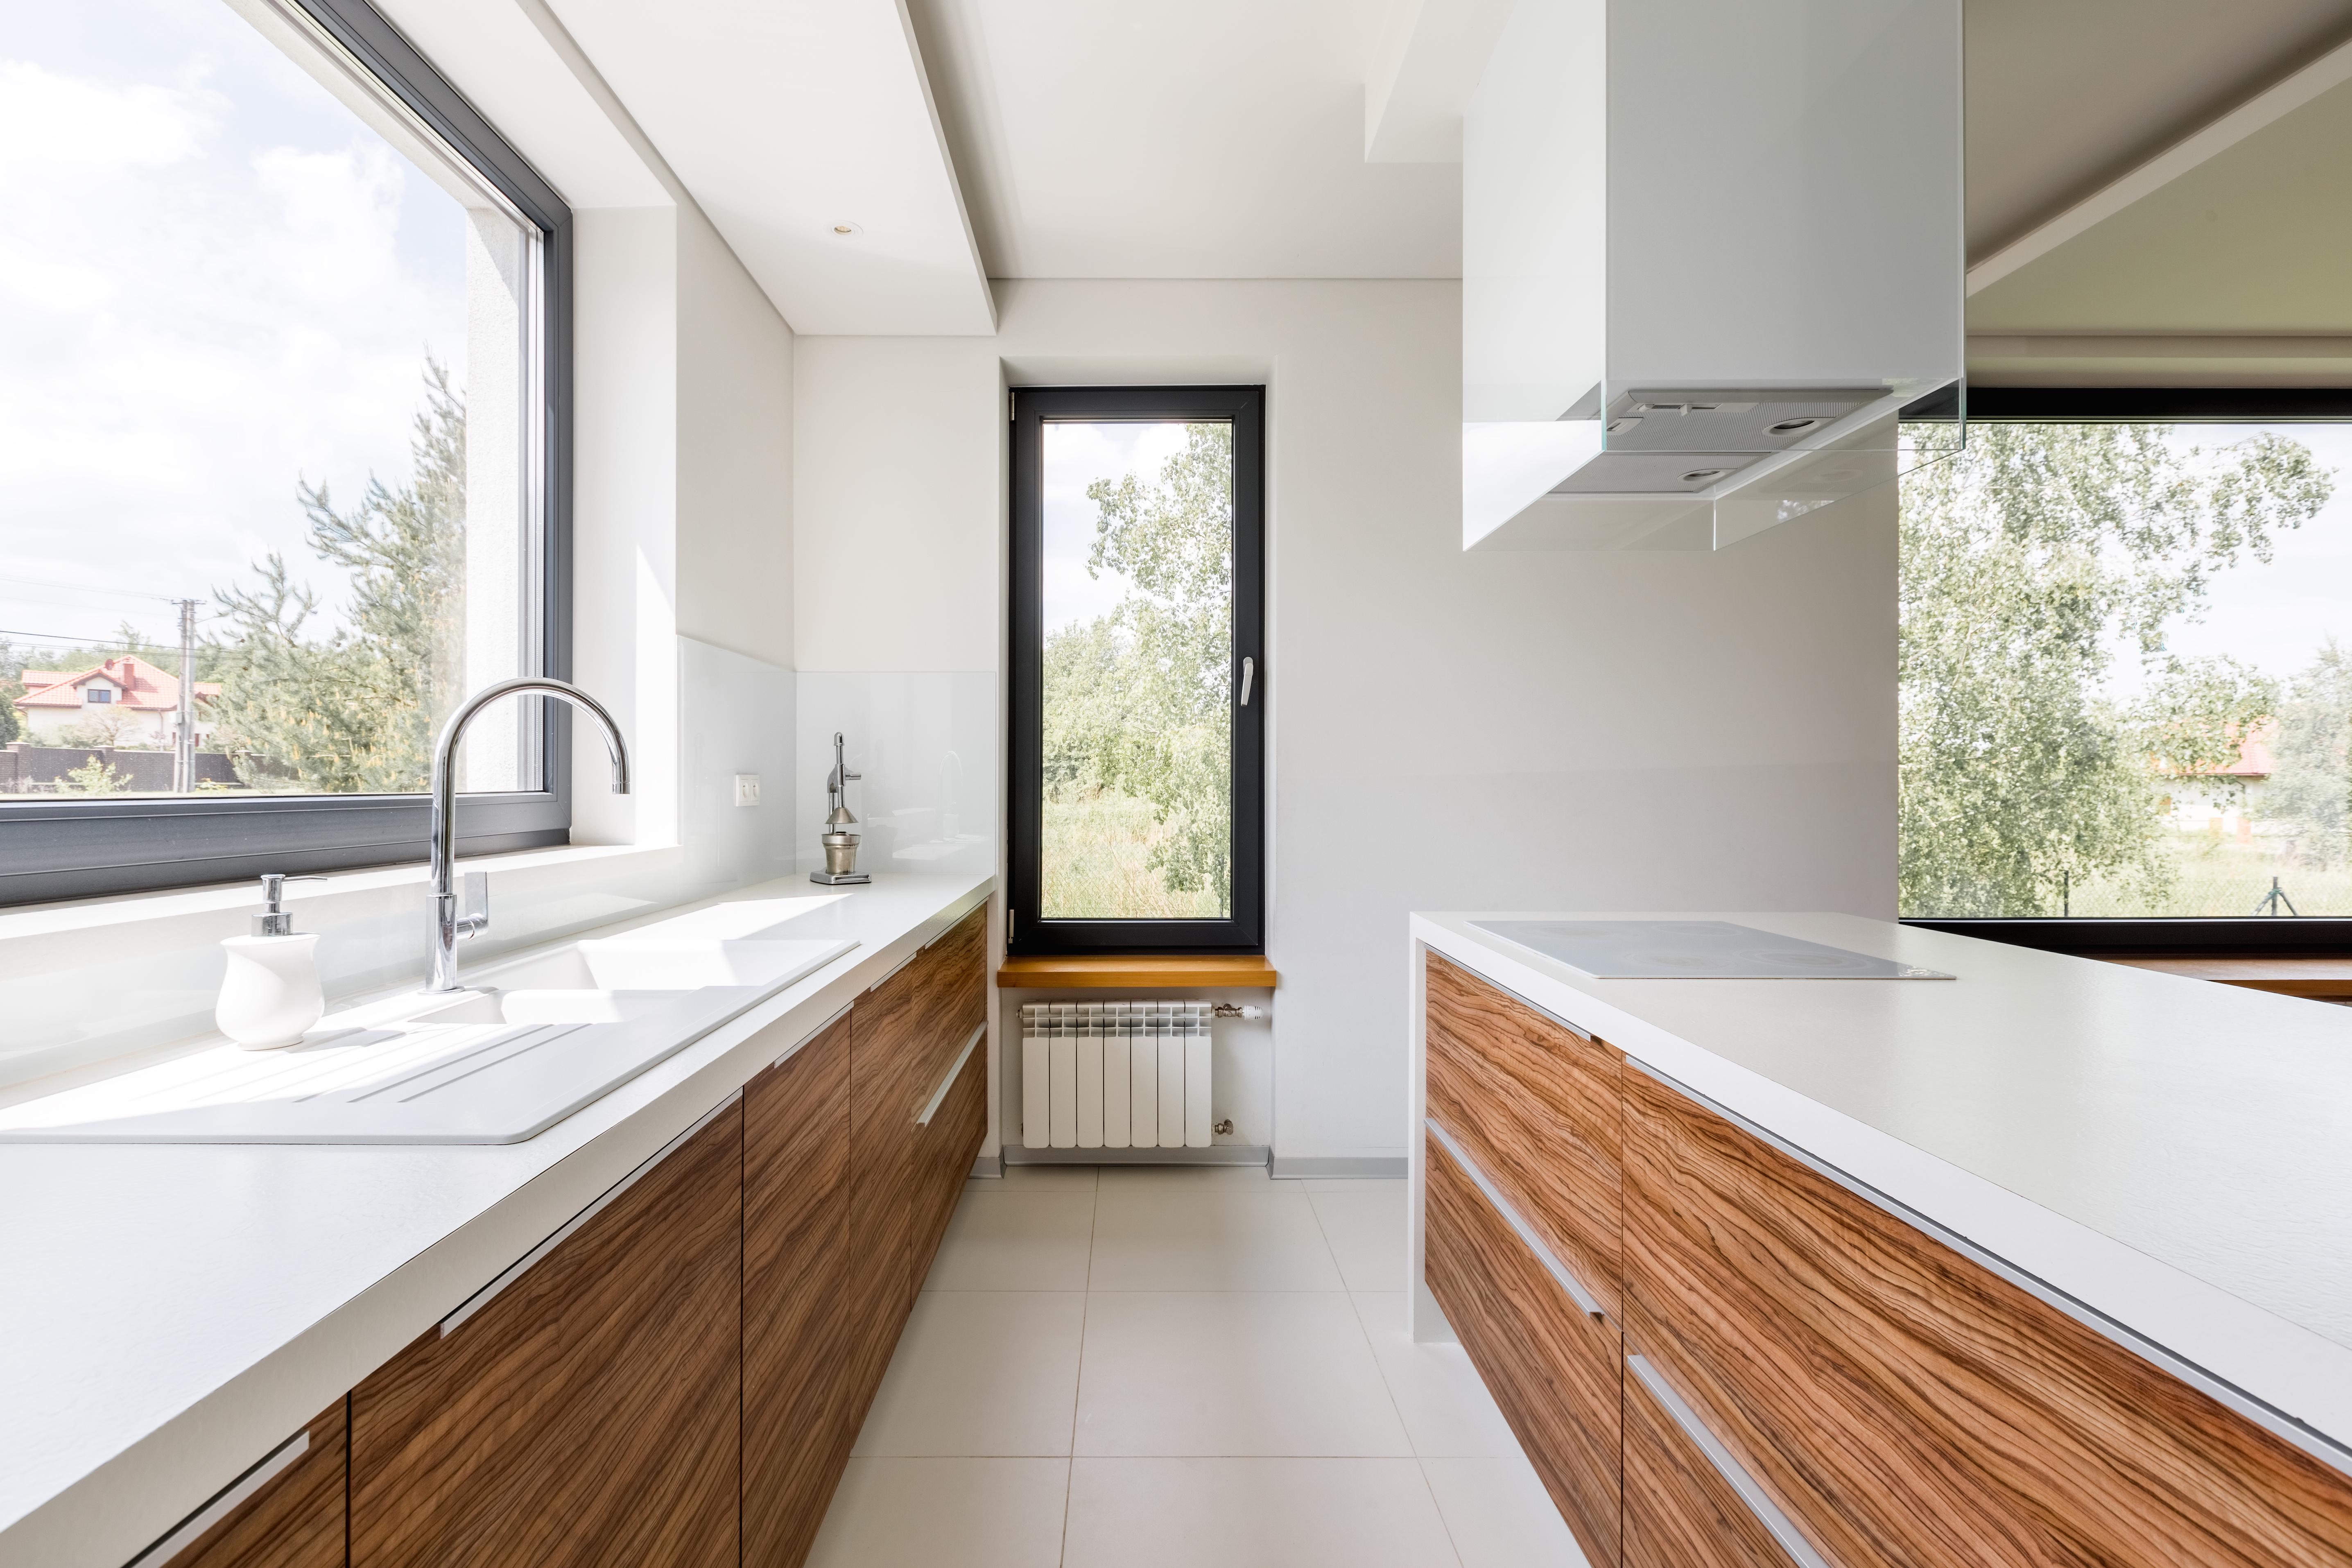 cozinha por medida slider 05